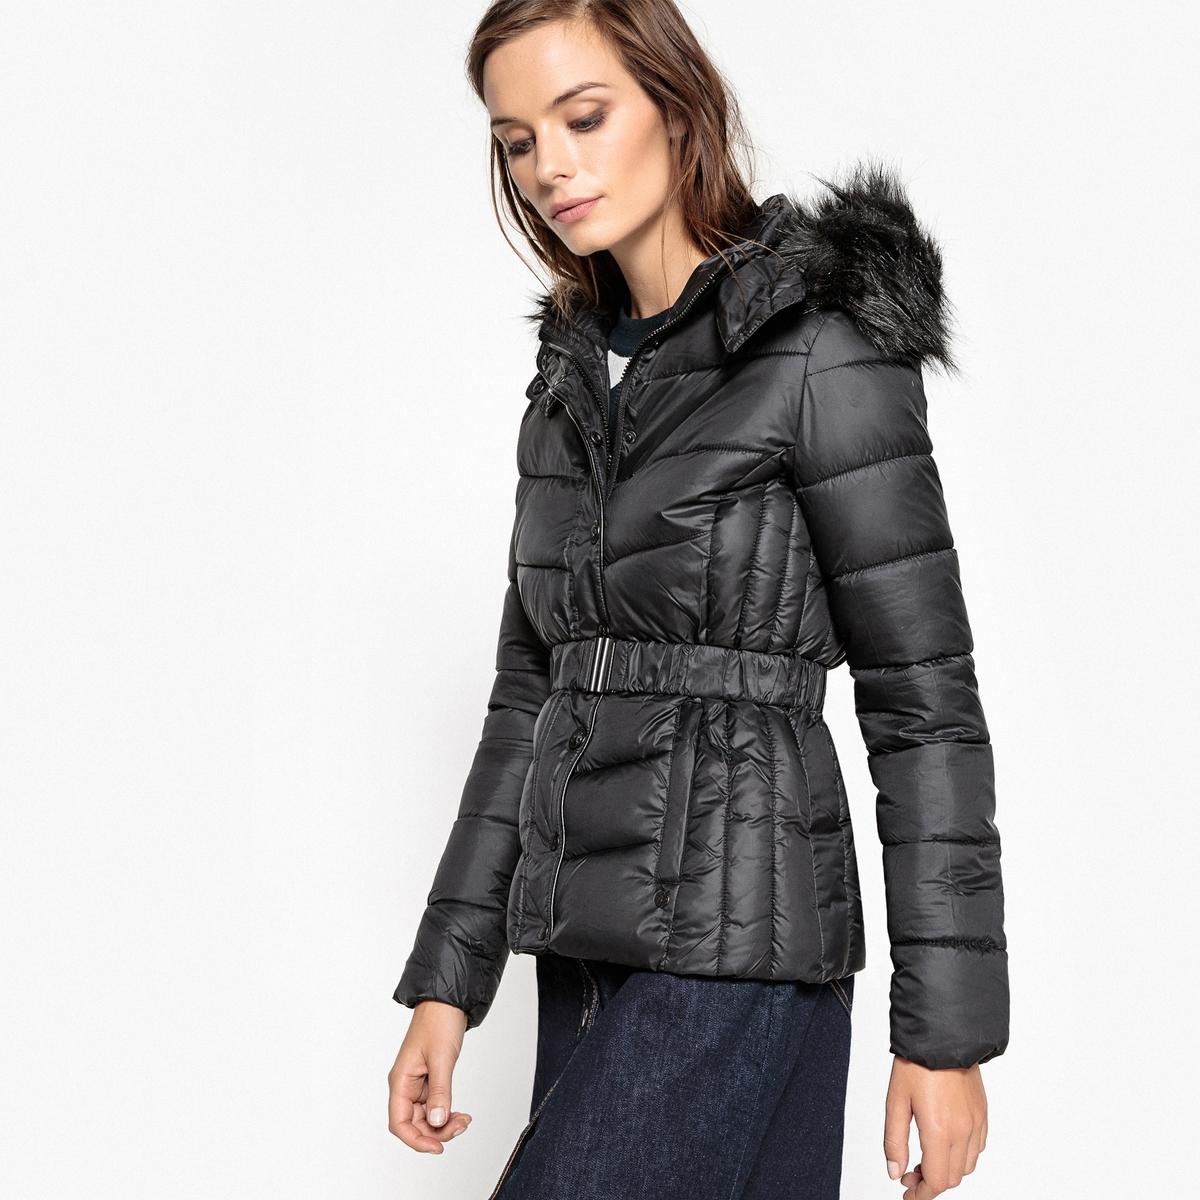 Куртка стеганая с капюшоном BodyКуртка стеганая Body от KAPORAL в сочетании с ремешком выглядит очень женственно . Эта стеганая куртка на молнии с капюшоном эффективно защитит вас от зимних морозов .Детали •  Длина : средняя •  Капюшон •  Застежка на молнию •  С капюшономСостав и уход  •  Следуйте советам по уходу, указанным на этикетке<br><br>Цвет: черный<br>Размер: L